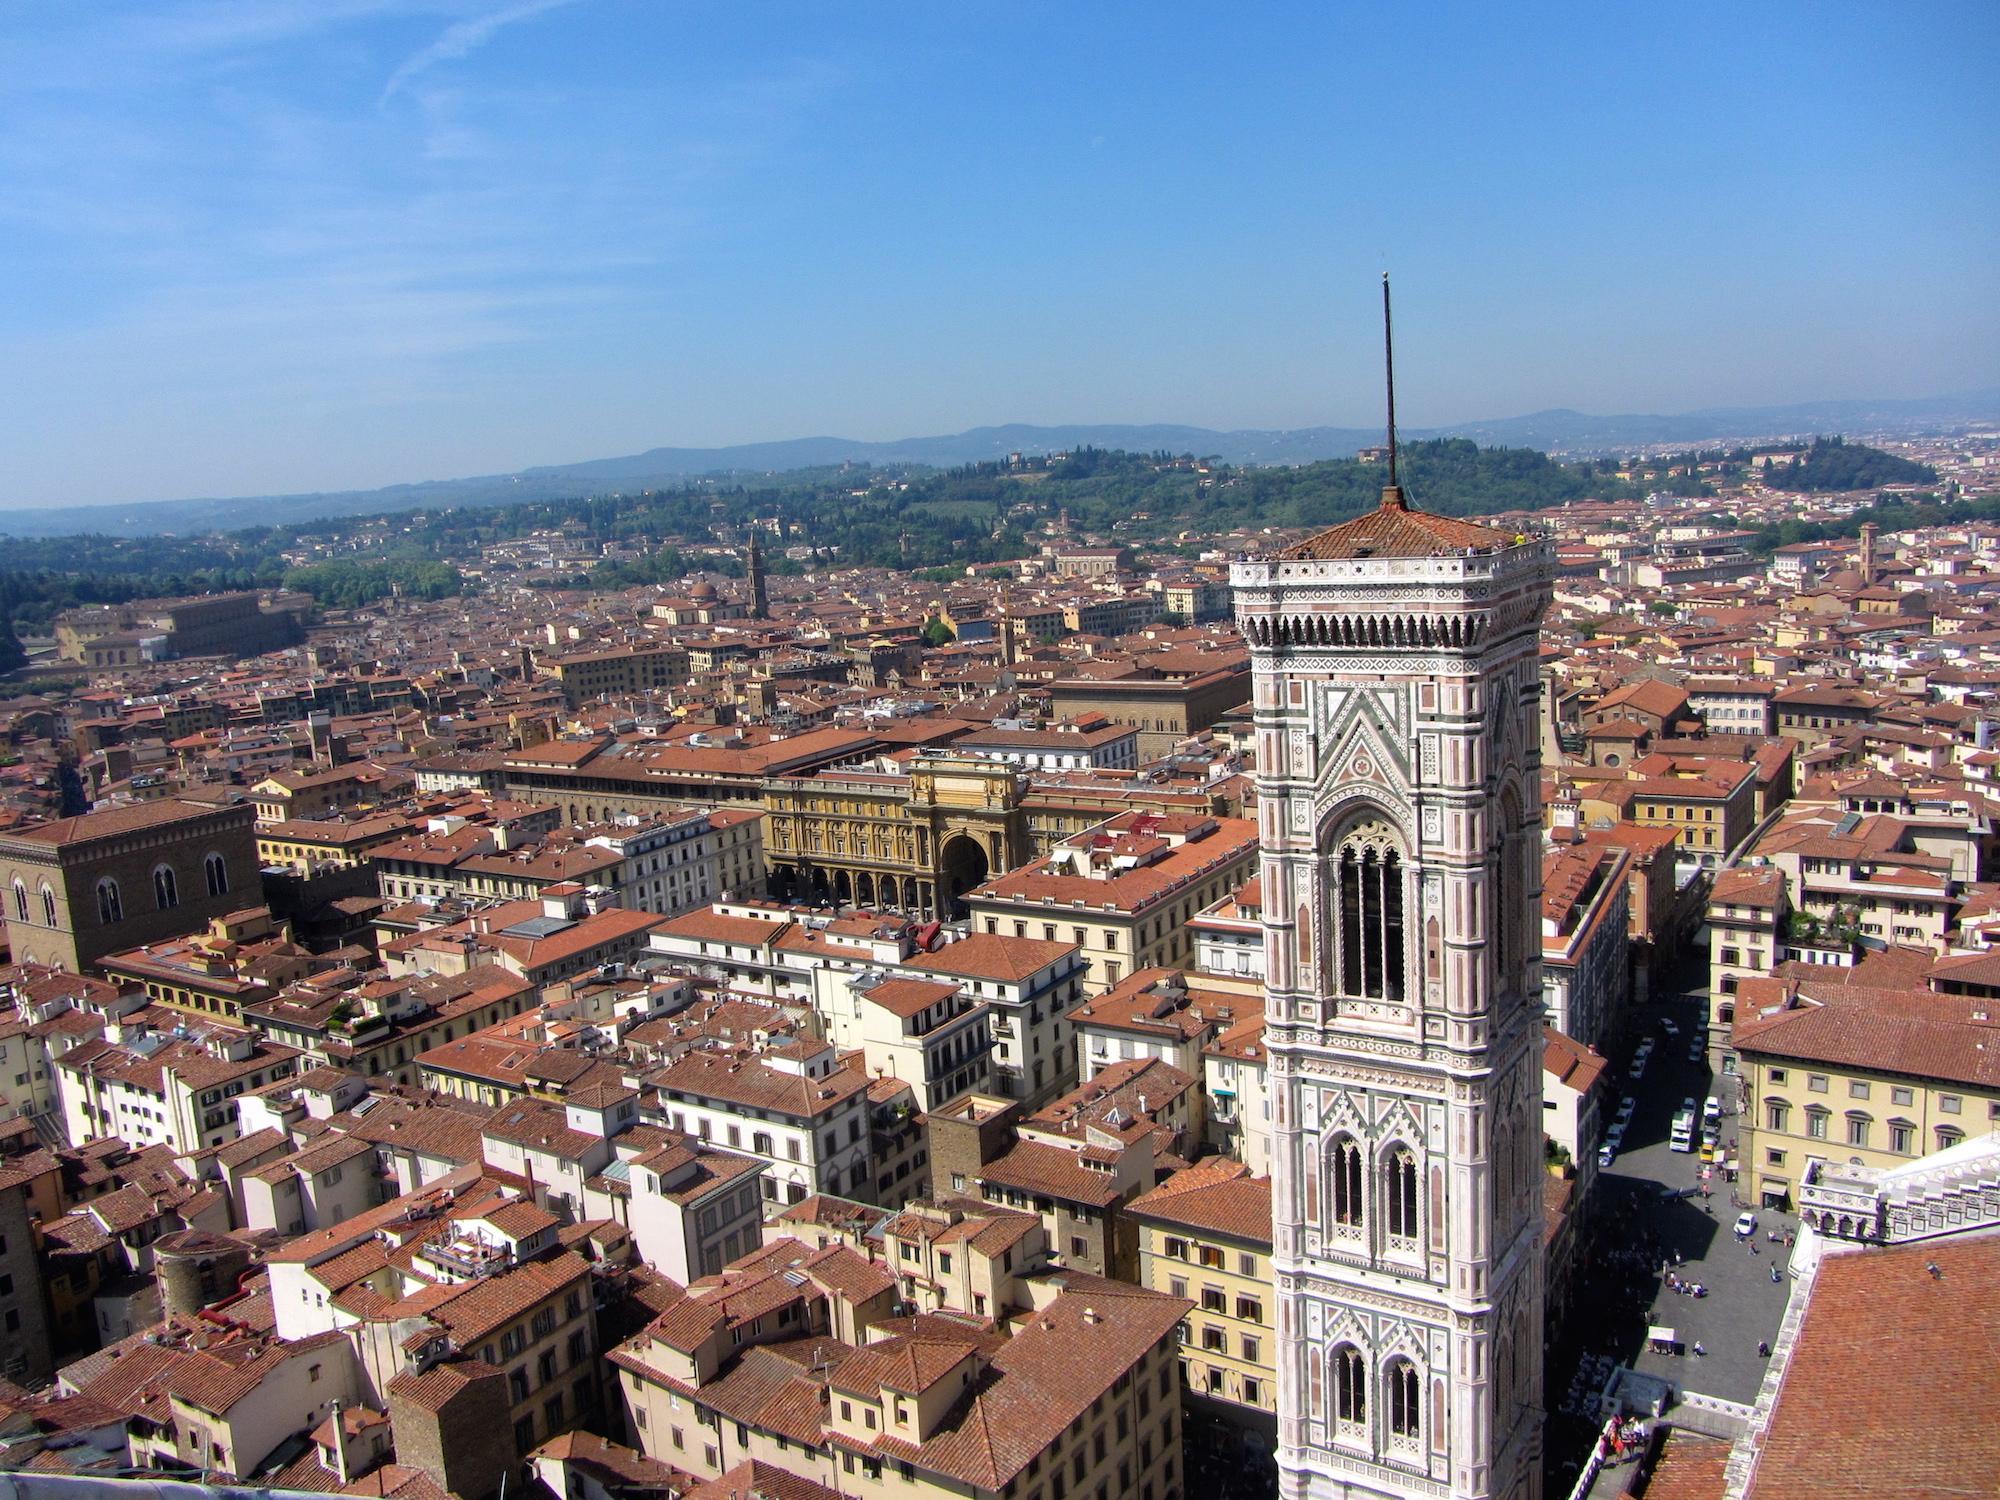 Overlook in Italy